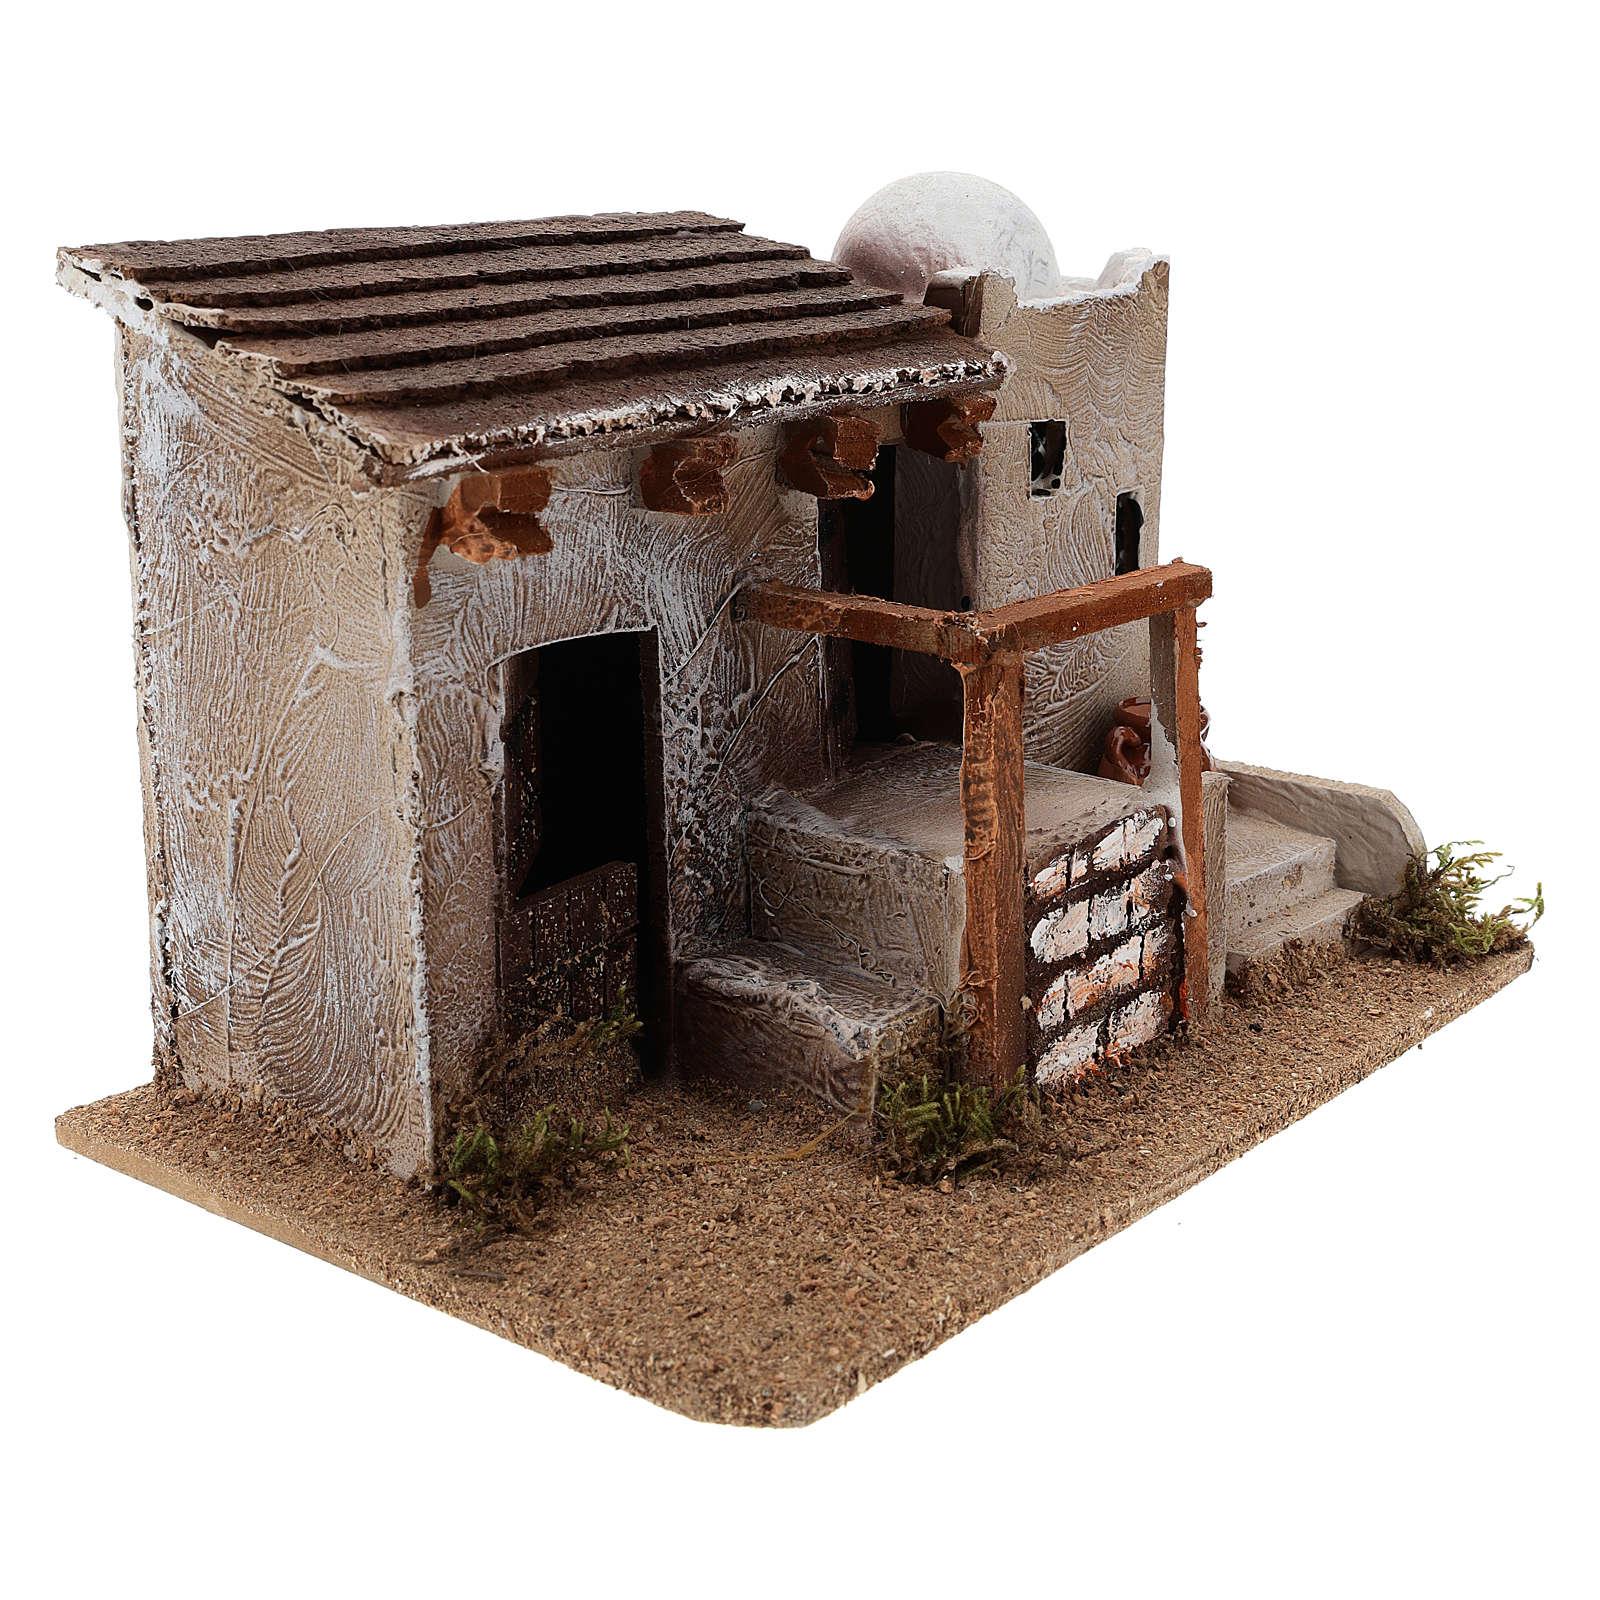 Casa per presepe in stile arabo con vaso terracotta 15x25x15 cm 4